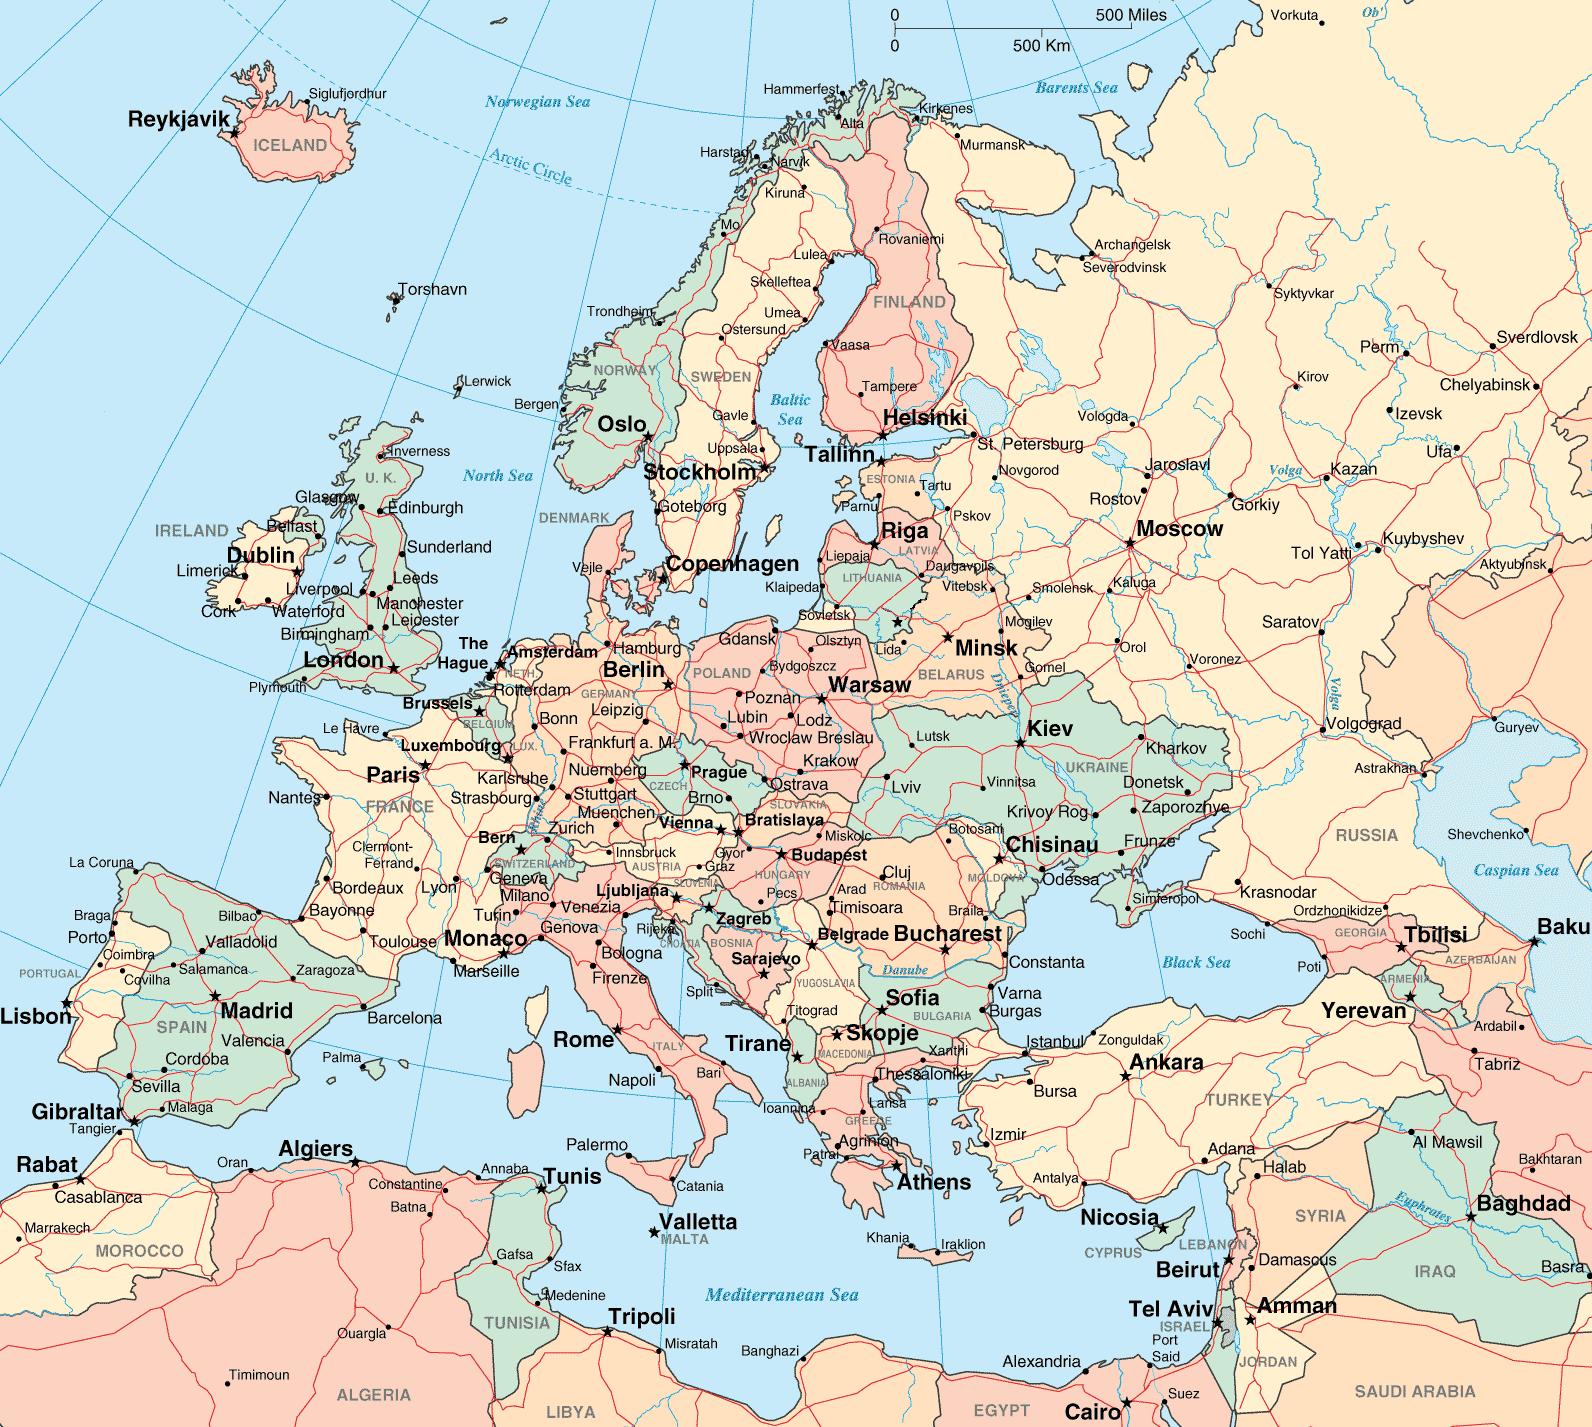 Avrupa Ülkeler ve Şehirleri Haritası